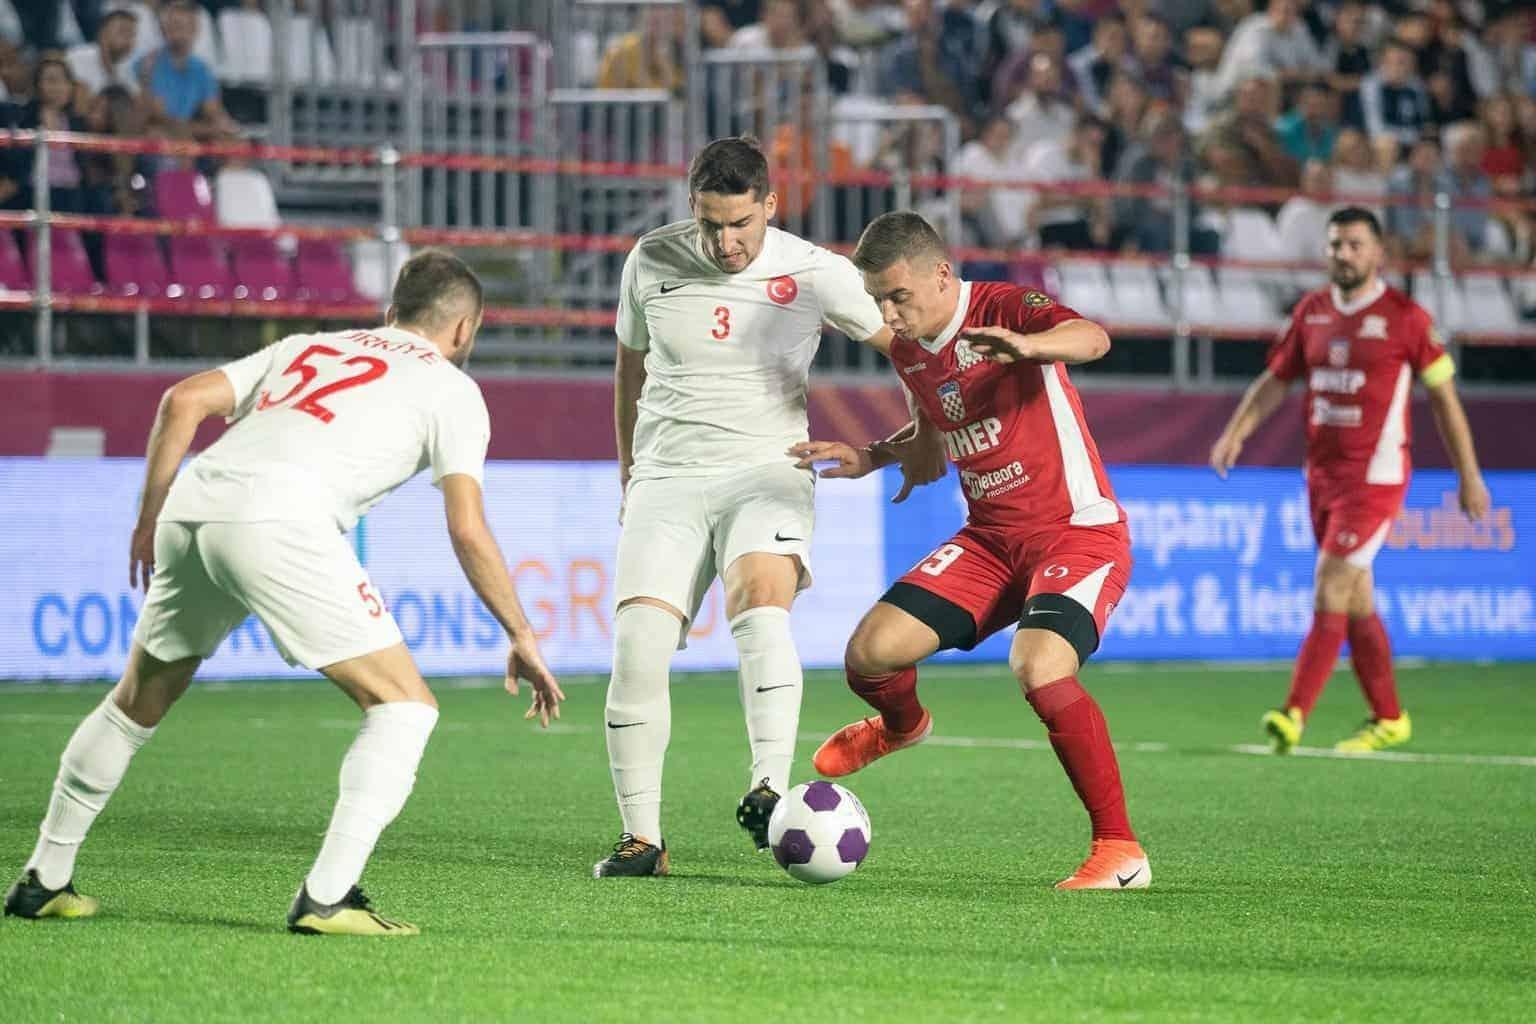 Hrvatska remijem započela Svjetsko malonogometno prvenstvo: Zaslužili smo više od jednog boda